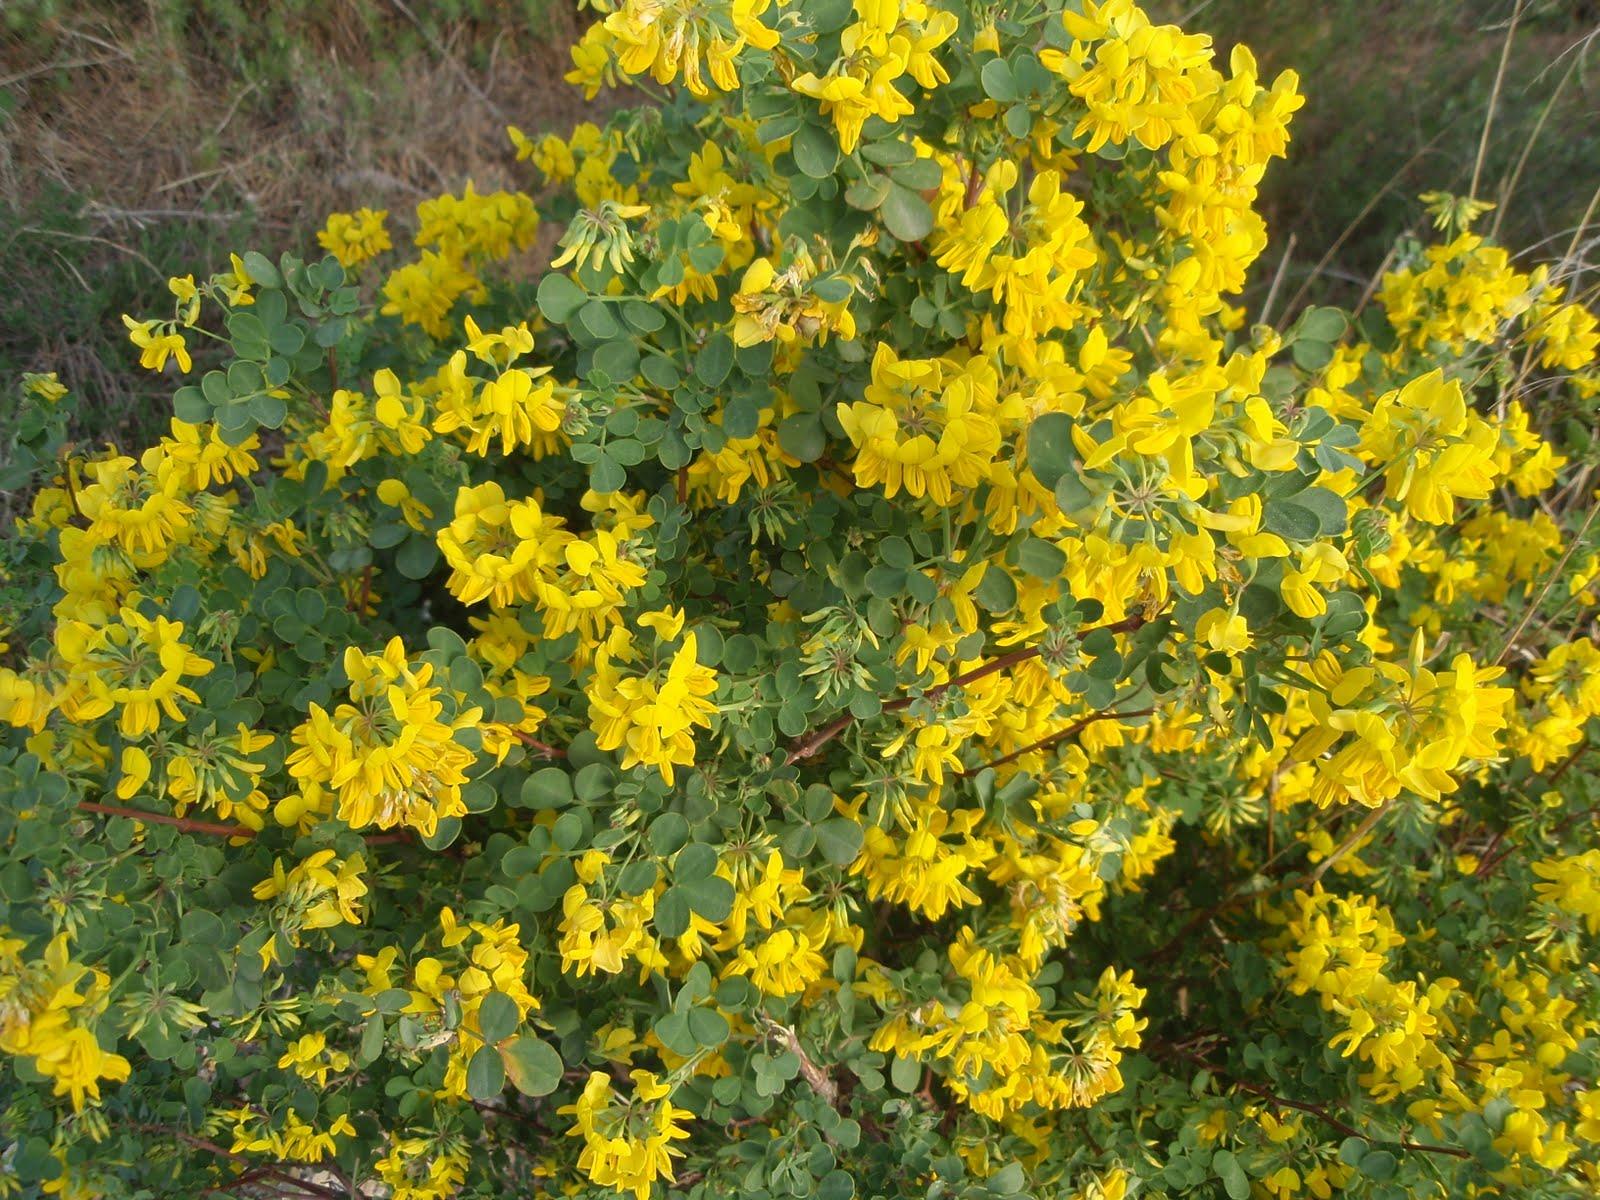 Herbario virtual de banyeres de mariola y alicante 27 abr for Arbusti sempreverdi resistenti al freddo